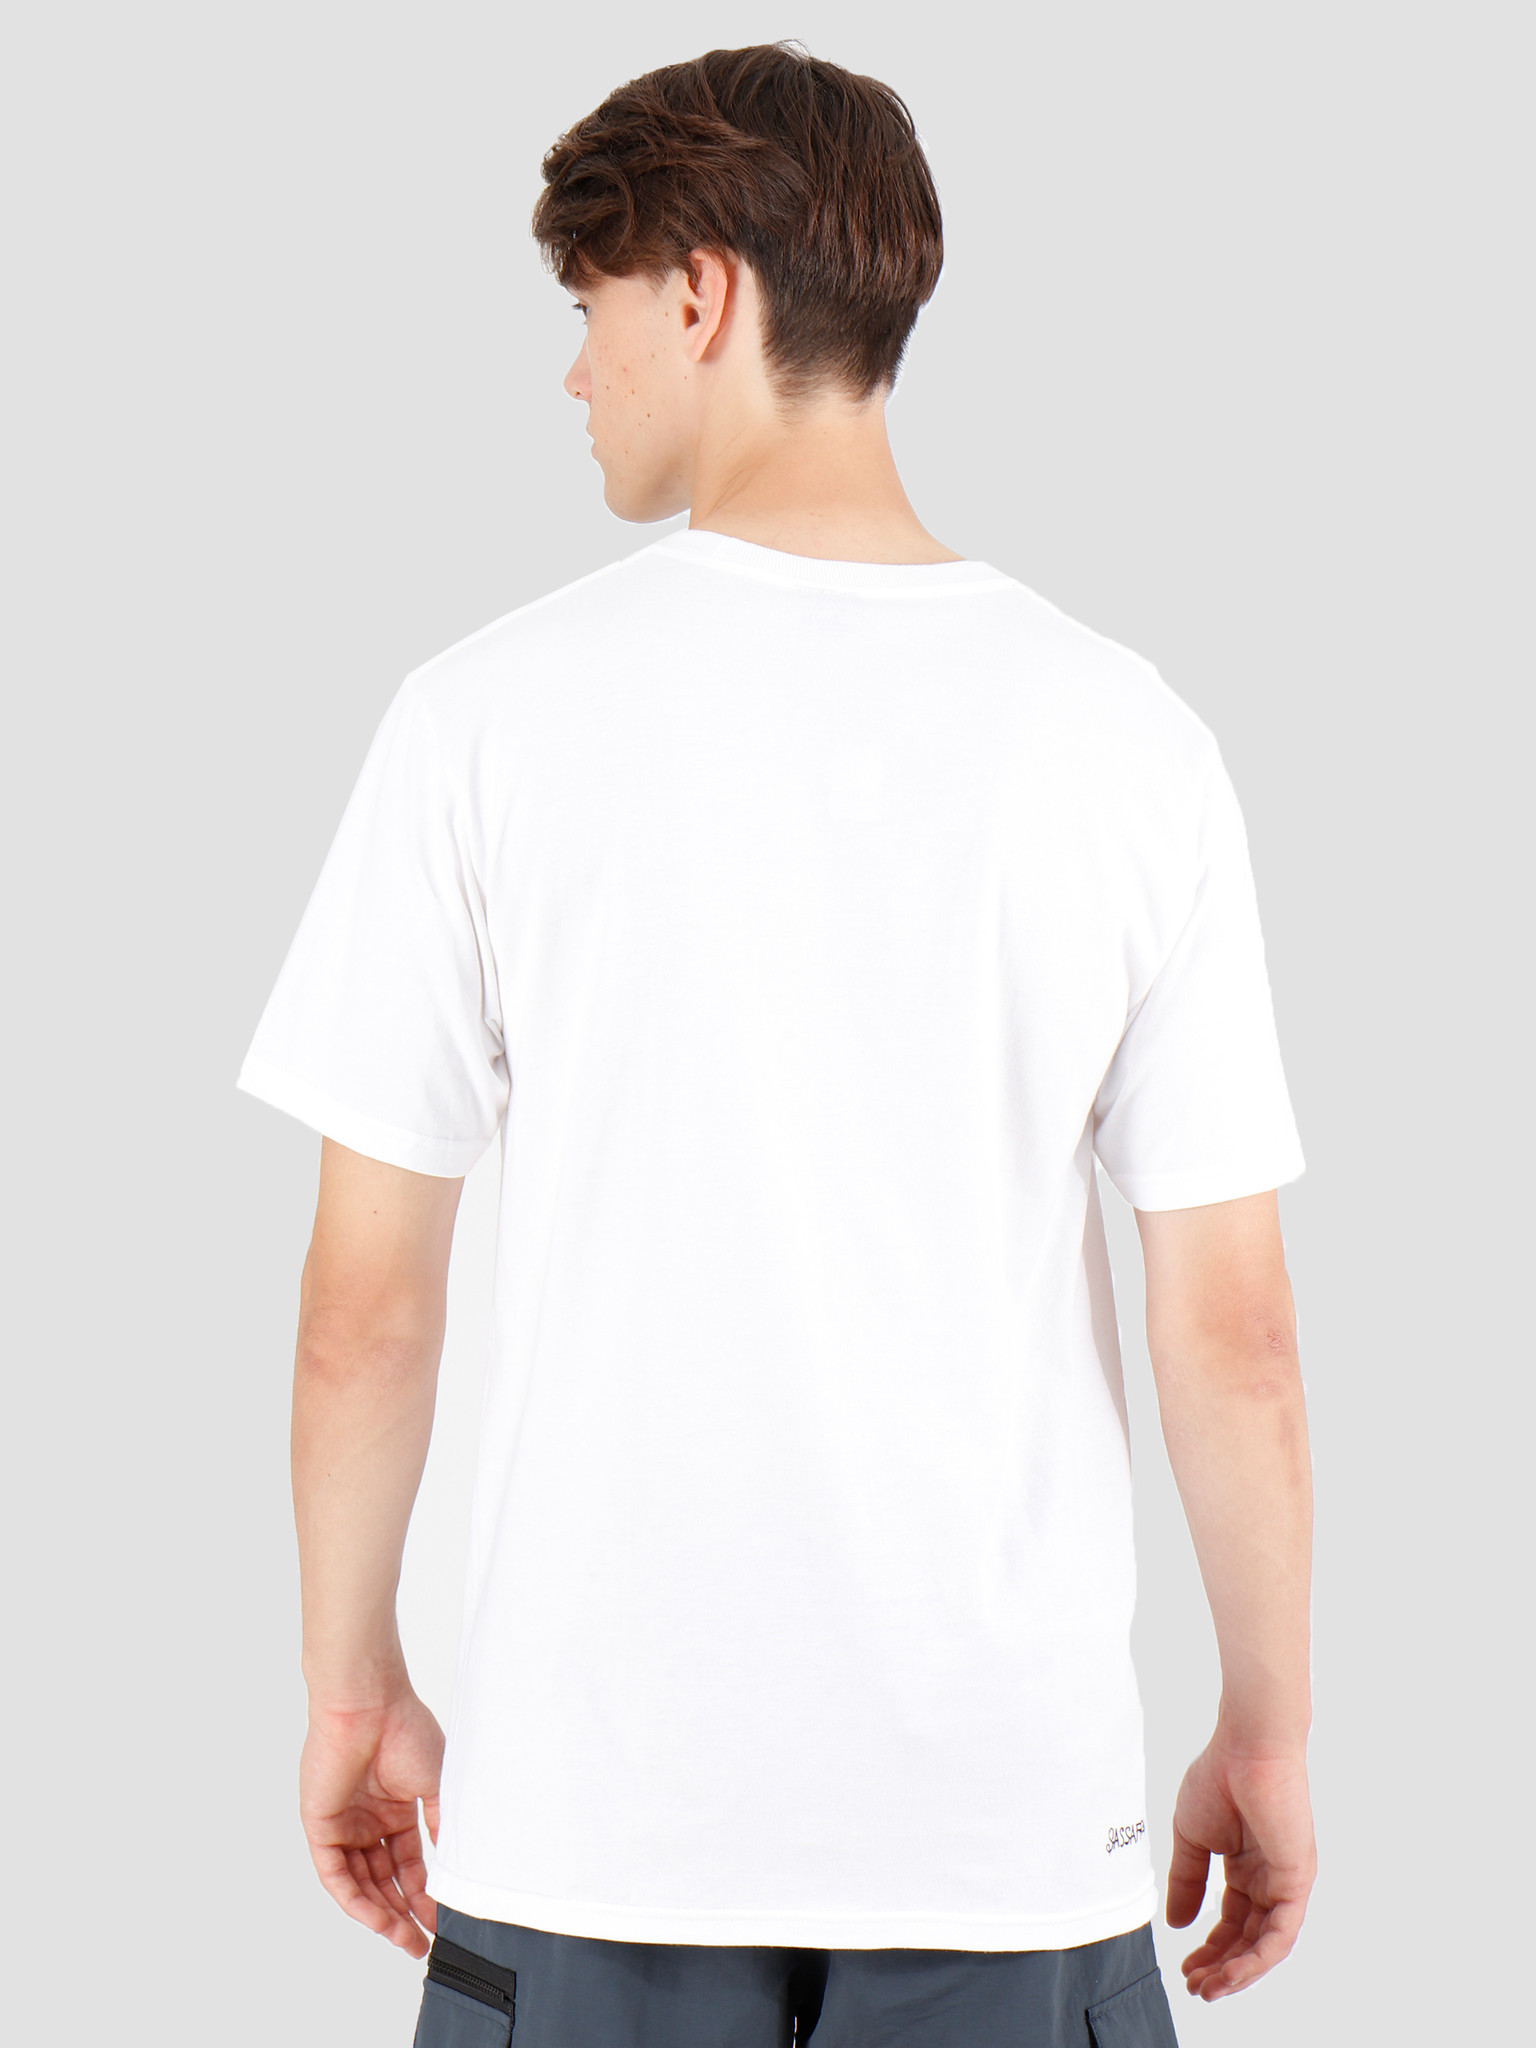 Stussy Stussy Sassafrass T-Shirt White 1904431